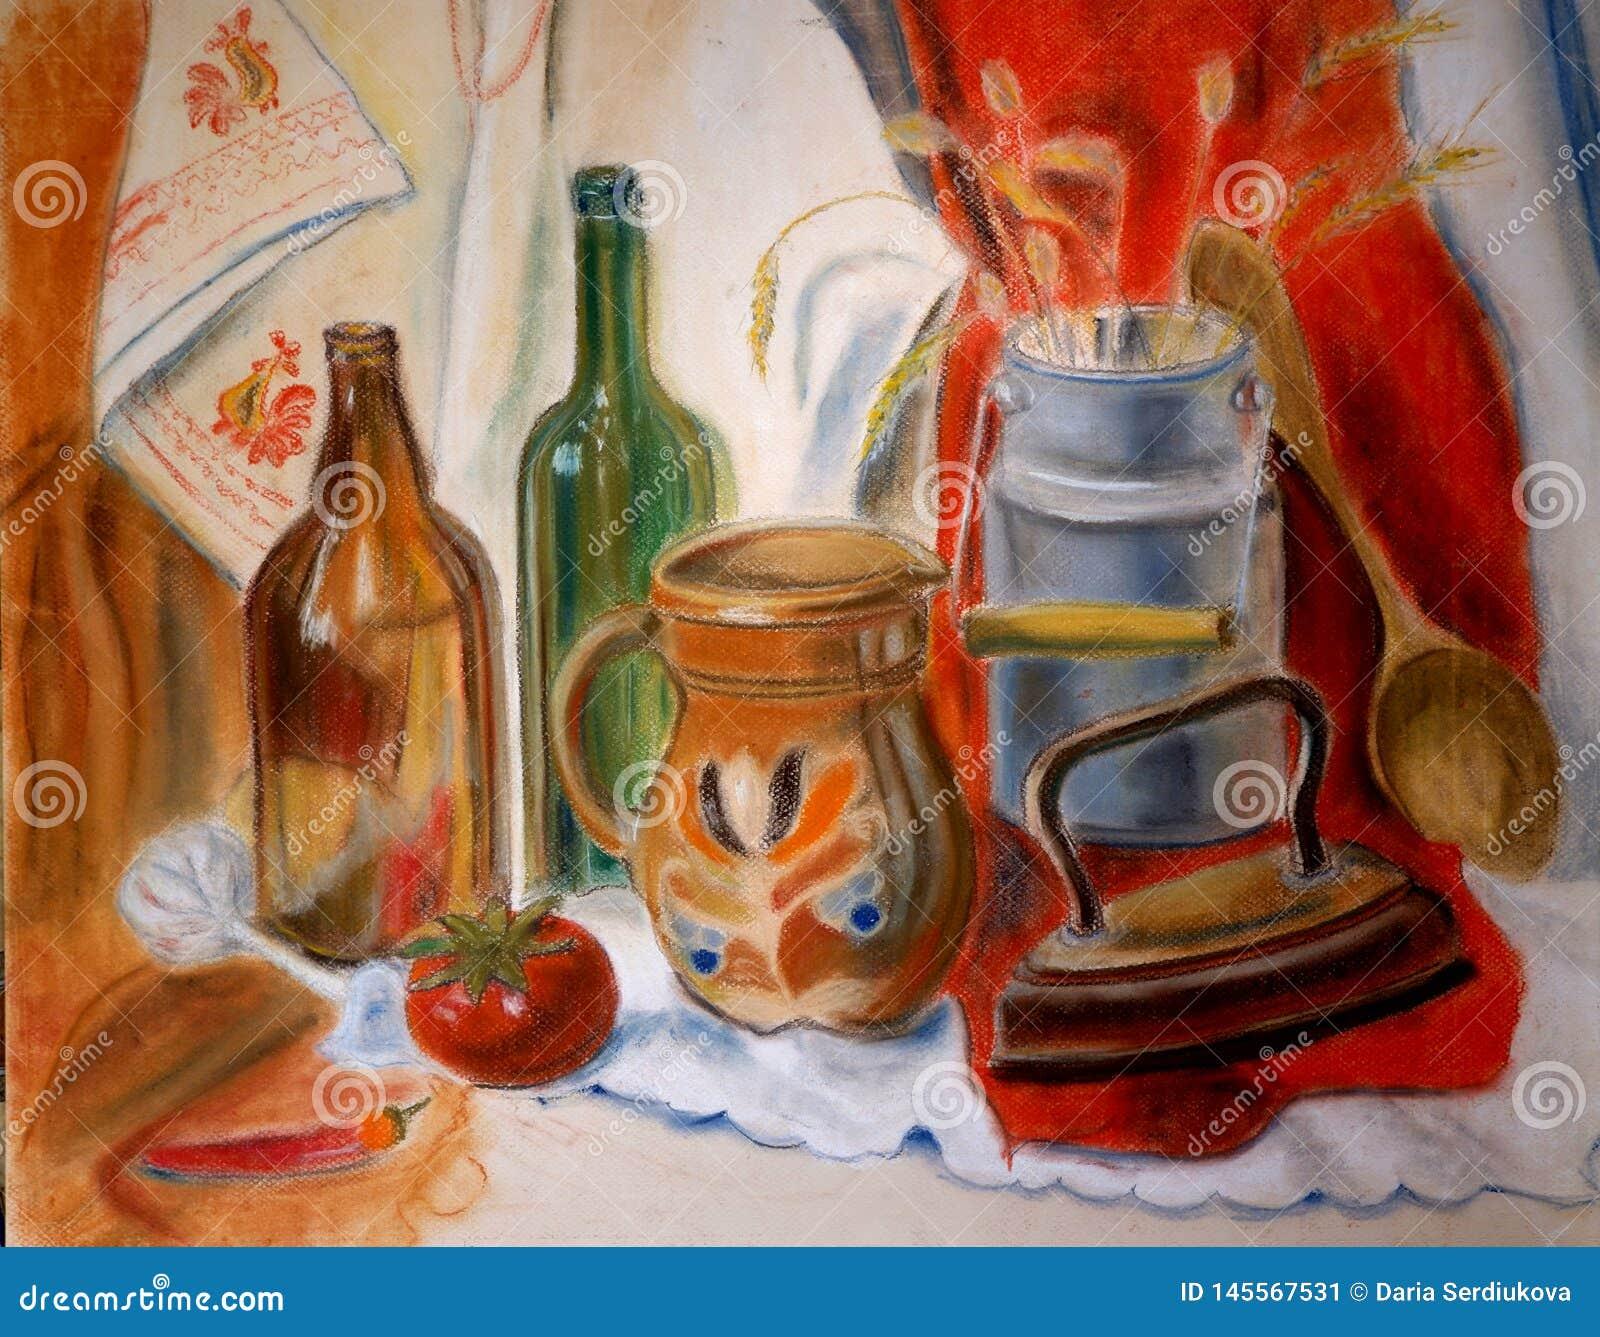 Vida imóvel pastel com garrafas de vidro e ferro, cores vermelhas